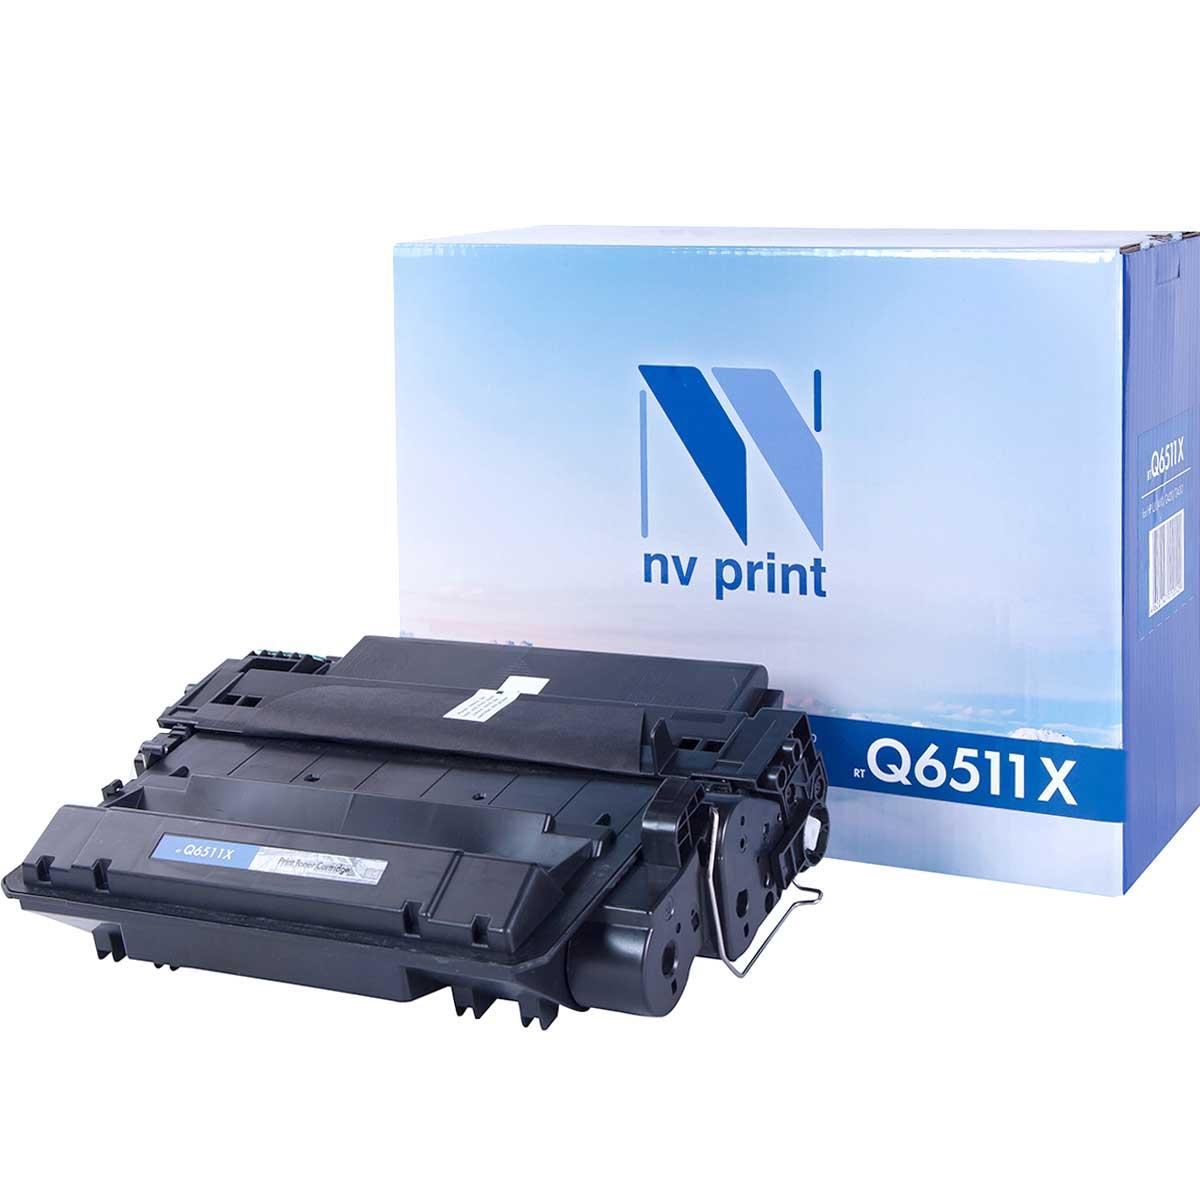 Картридж для лазерного принтера NV Print Q6511X, черный NV-Q6511X